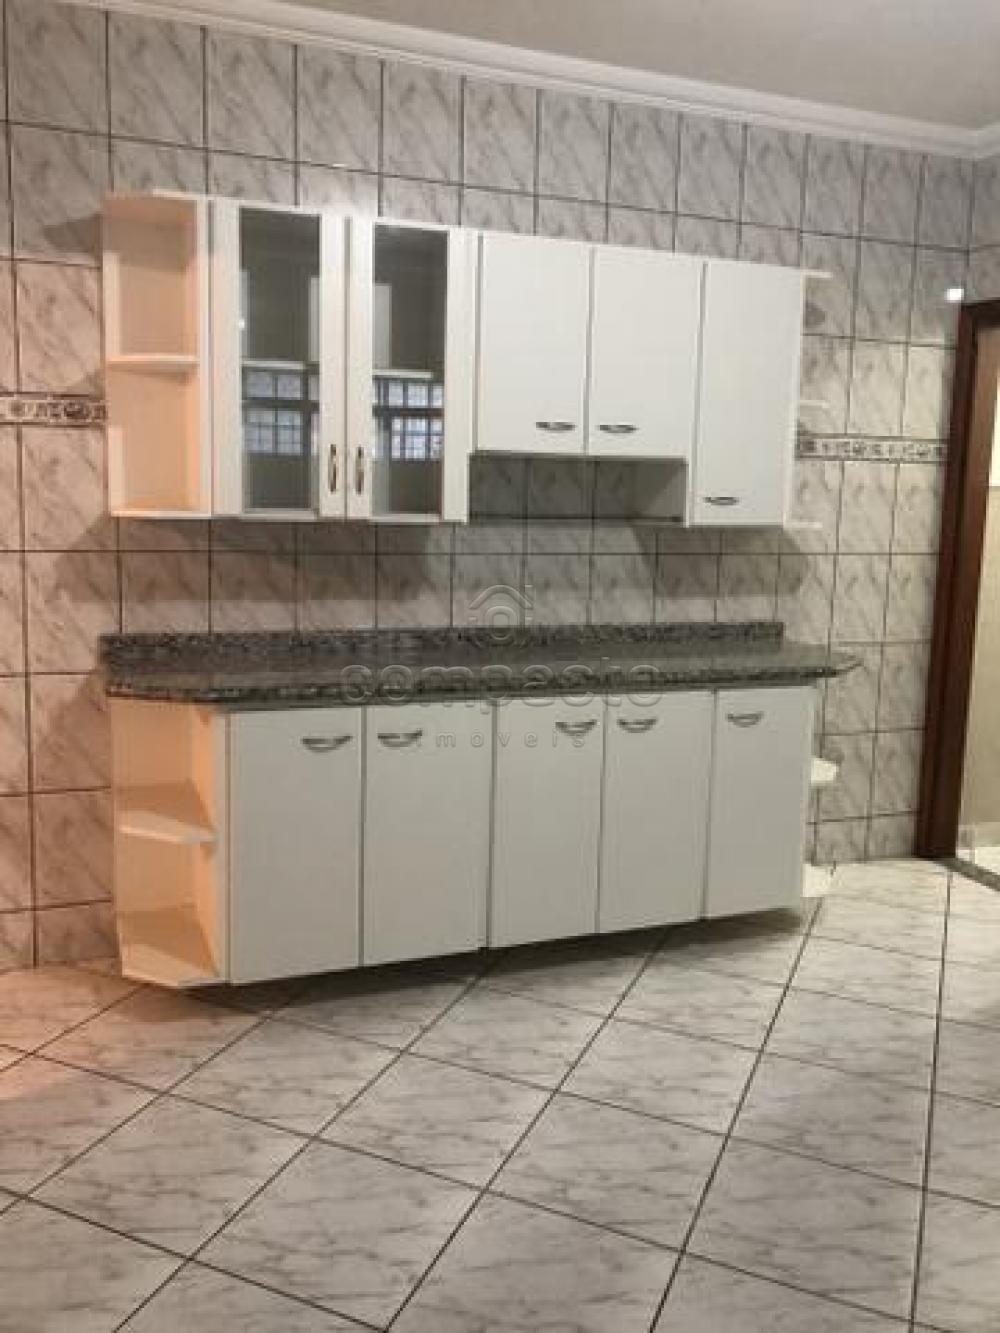 Comprar Casa / Padrão em Mirassol apenas R$ 275.000,00 - Foto 7